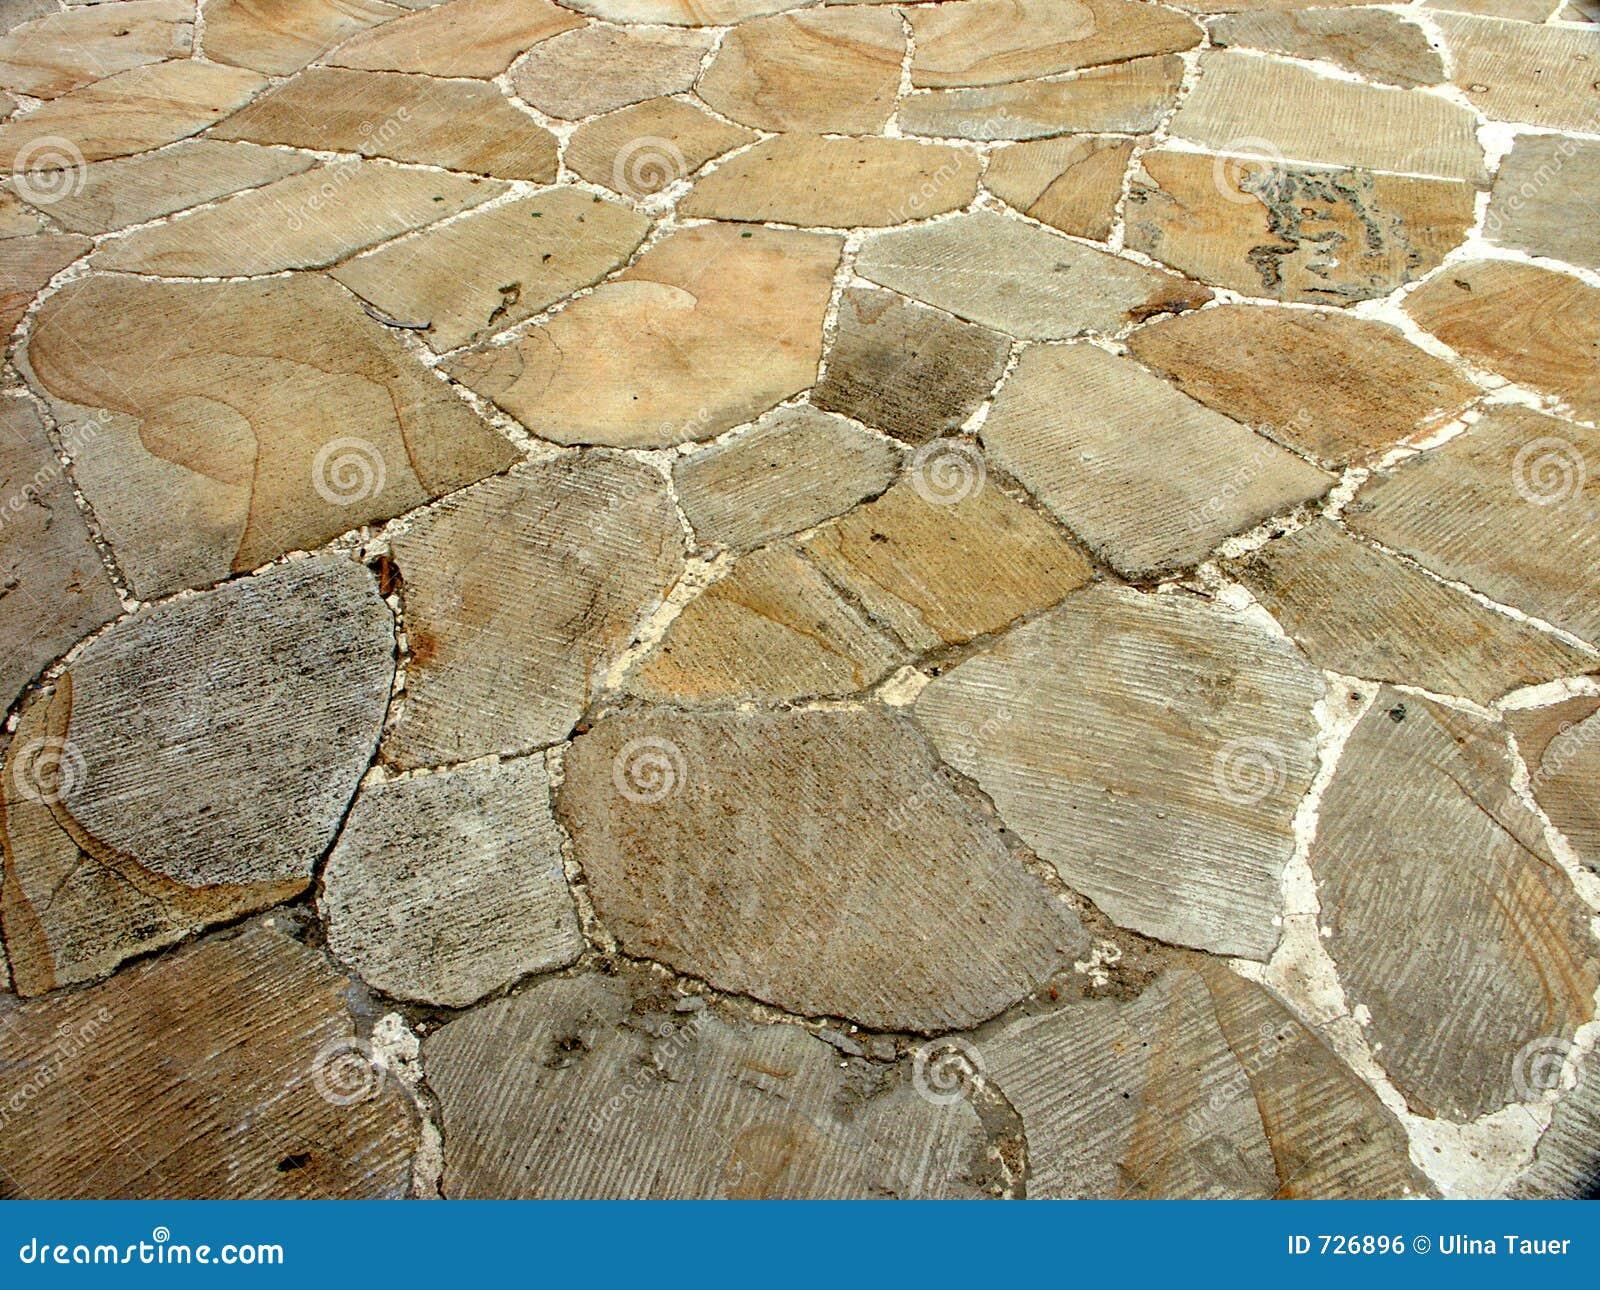 Fußboden Stein stein fußboden stockfoto bild zeilen fliese betriebsmittel